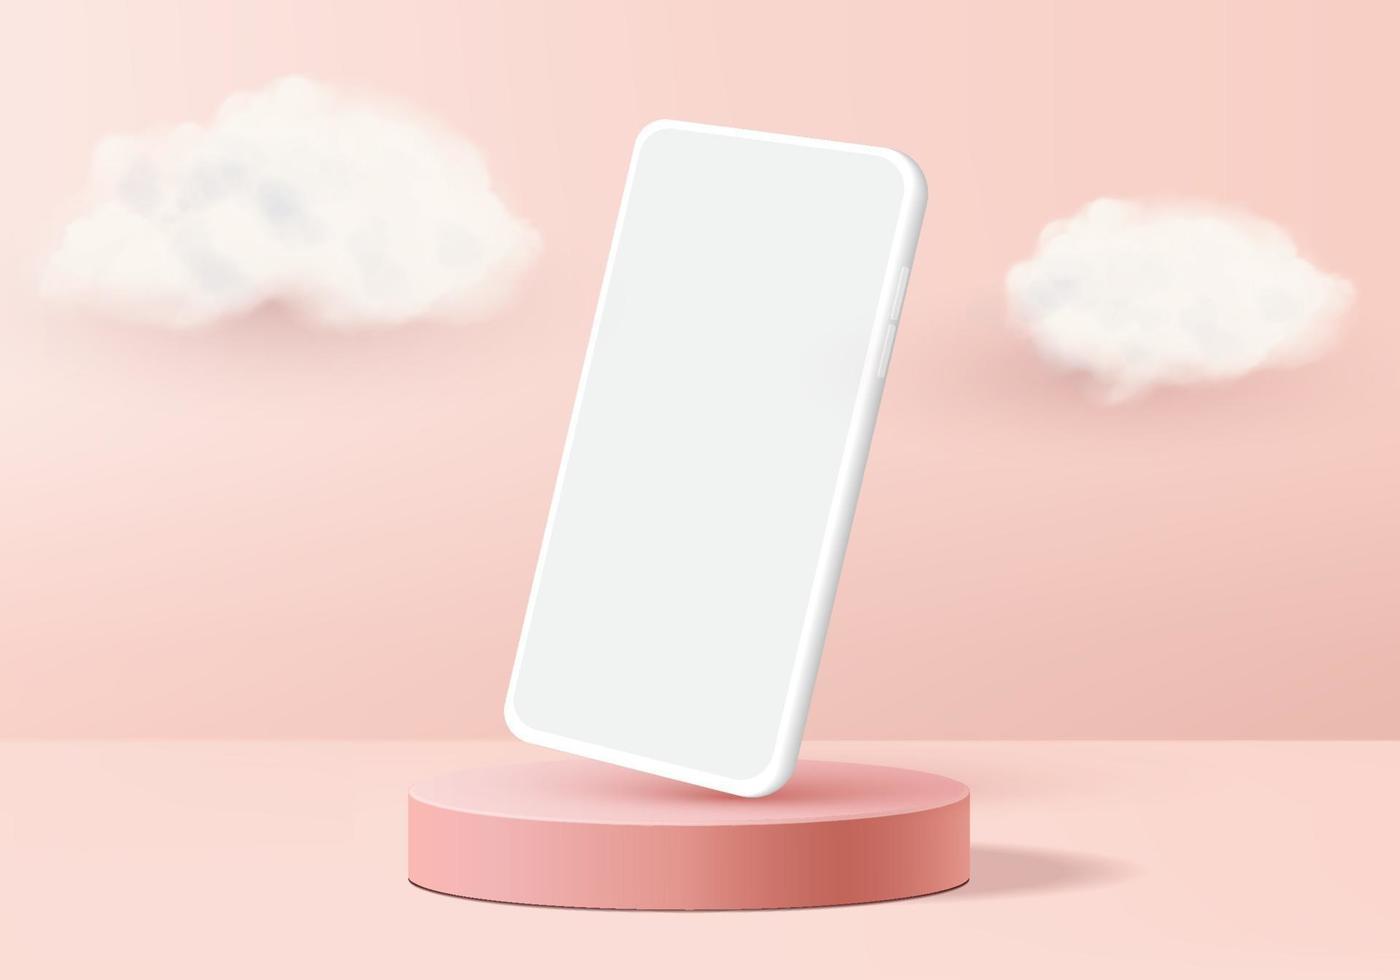 utställningsskärm minimal scen med geometrisk smartphone. bakgrundsvektor 3d-rendering med podium. stå för att visa mobilenhetsmodell. scen showcase display på piedestal 3d studio rosa vektor